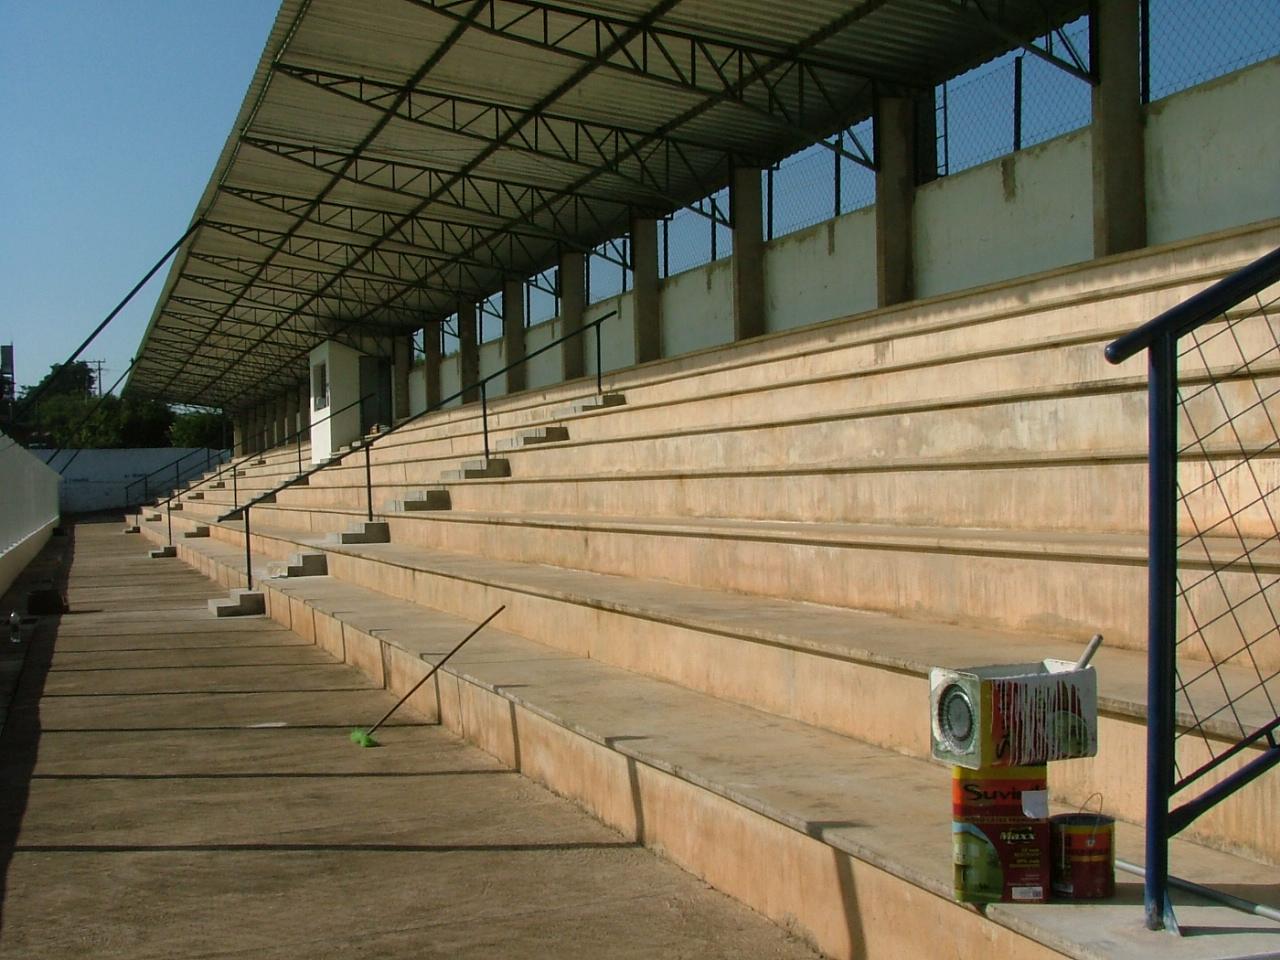 engeba-engenharia-pre-moldados-projeto-pilar-do-sul-sp-interior-obra-bndes-construçao-edificio-multipavimento-cobertura-fechamento-fundaçao-pre-fabricado-edificio-garagem-infraestrutura-industrial-terca-concreto-viga-t-cobertura-calha-escada-laje-estrutura-Estadio Municipal de Guareí